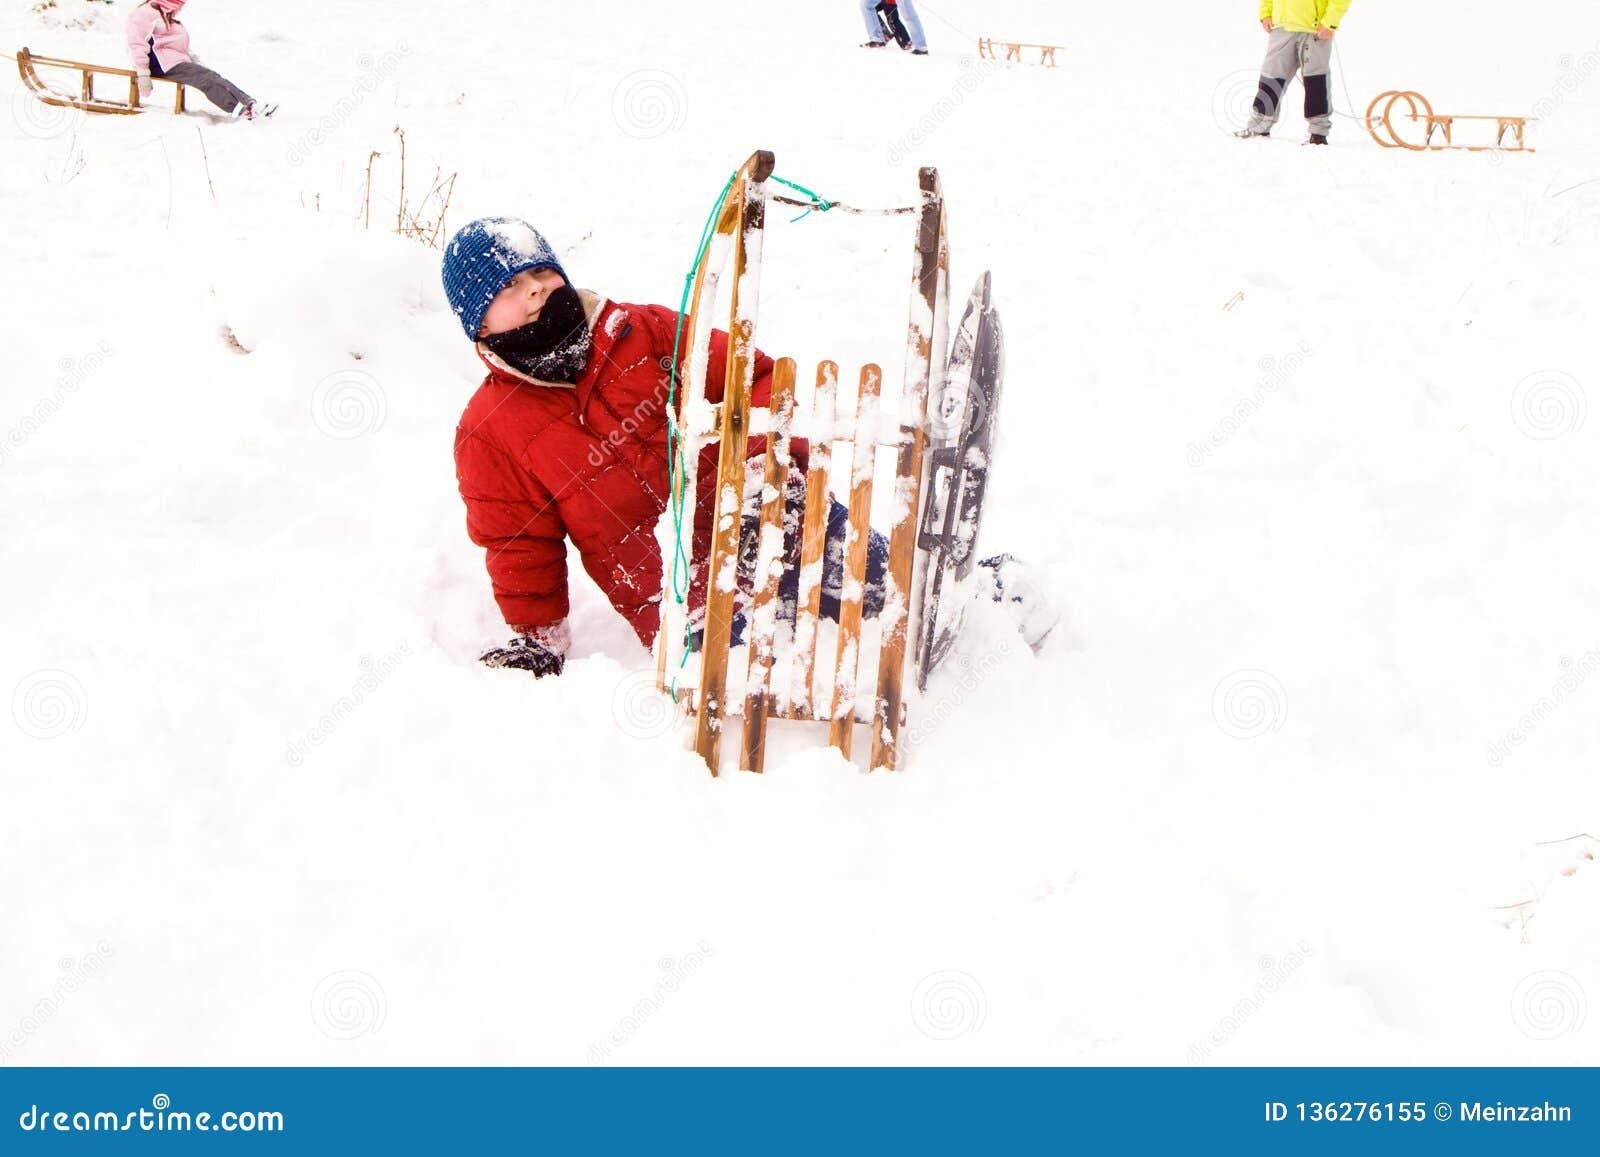 Het sledding van het kind onderaan de heuvel in sneeuw, de witte winter